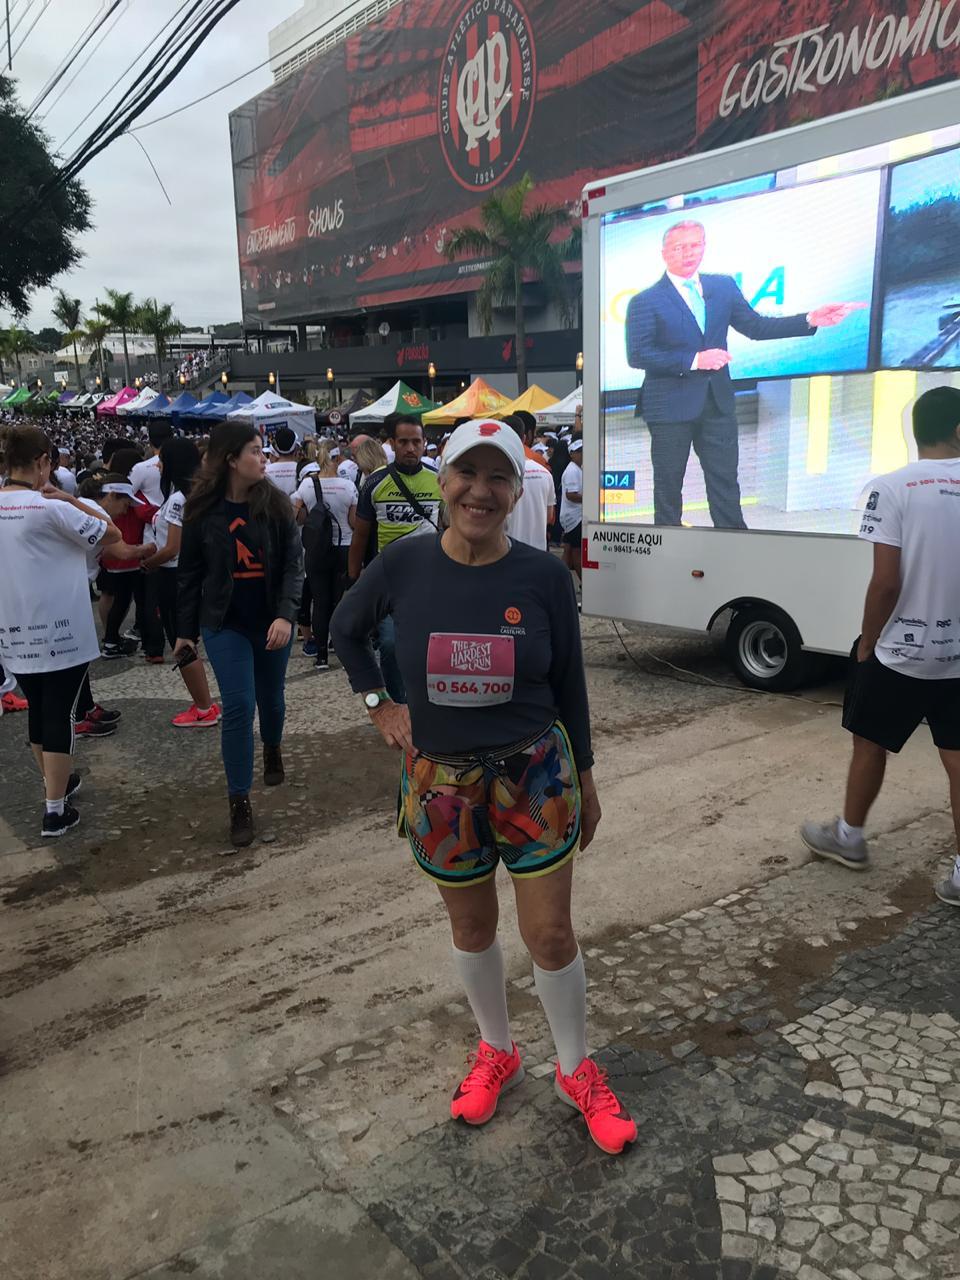 A corredora Almira Castilhos de Lima tem 80 anos e 19 maratonas no currículo. Foto: Camila Machado/Gazeta do Povo.